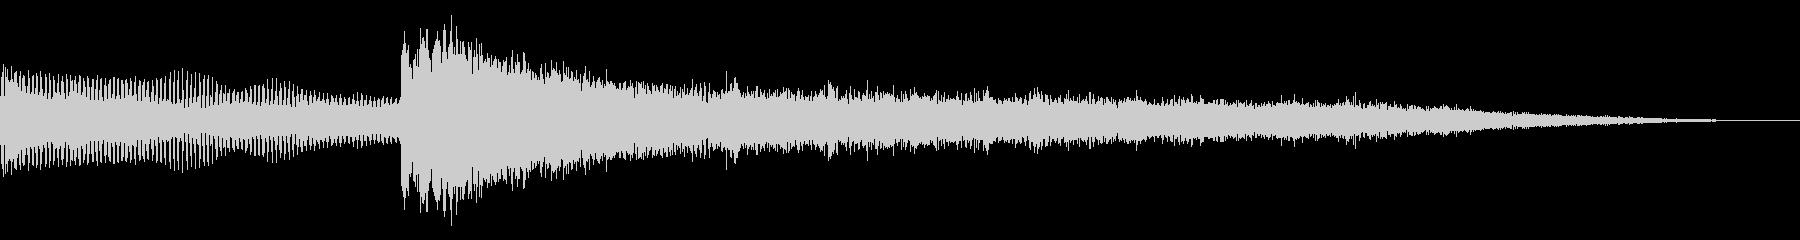 ヘビーピアノが低ドローンに登場の未再生の波形